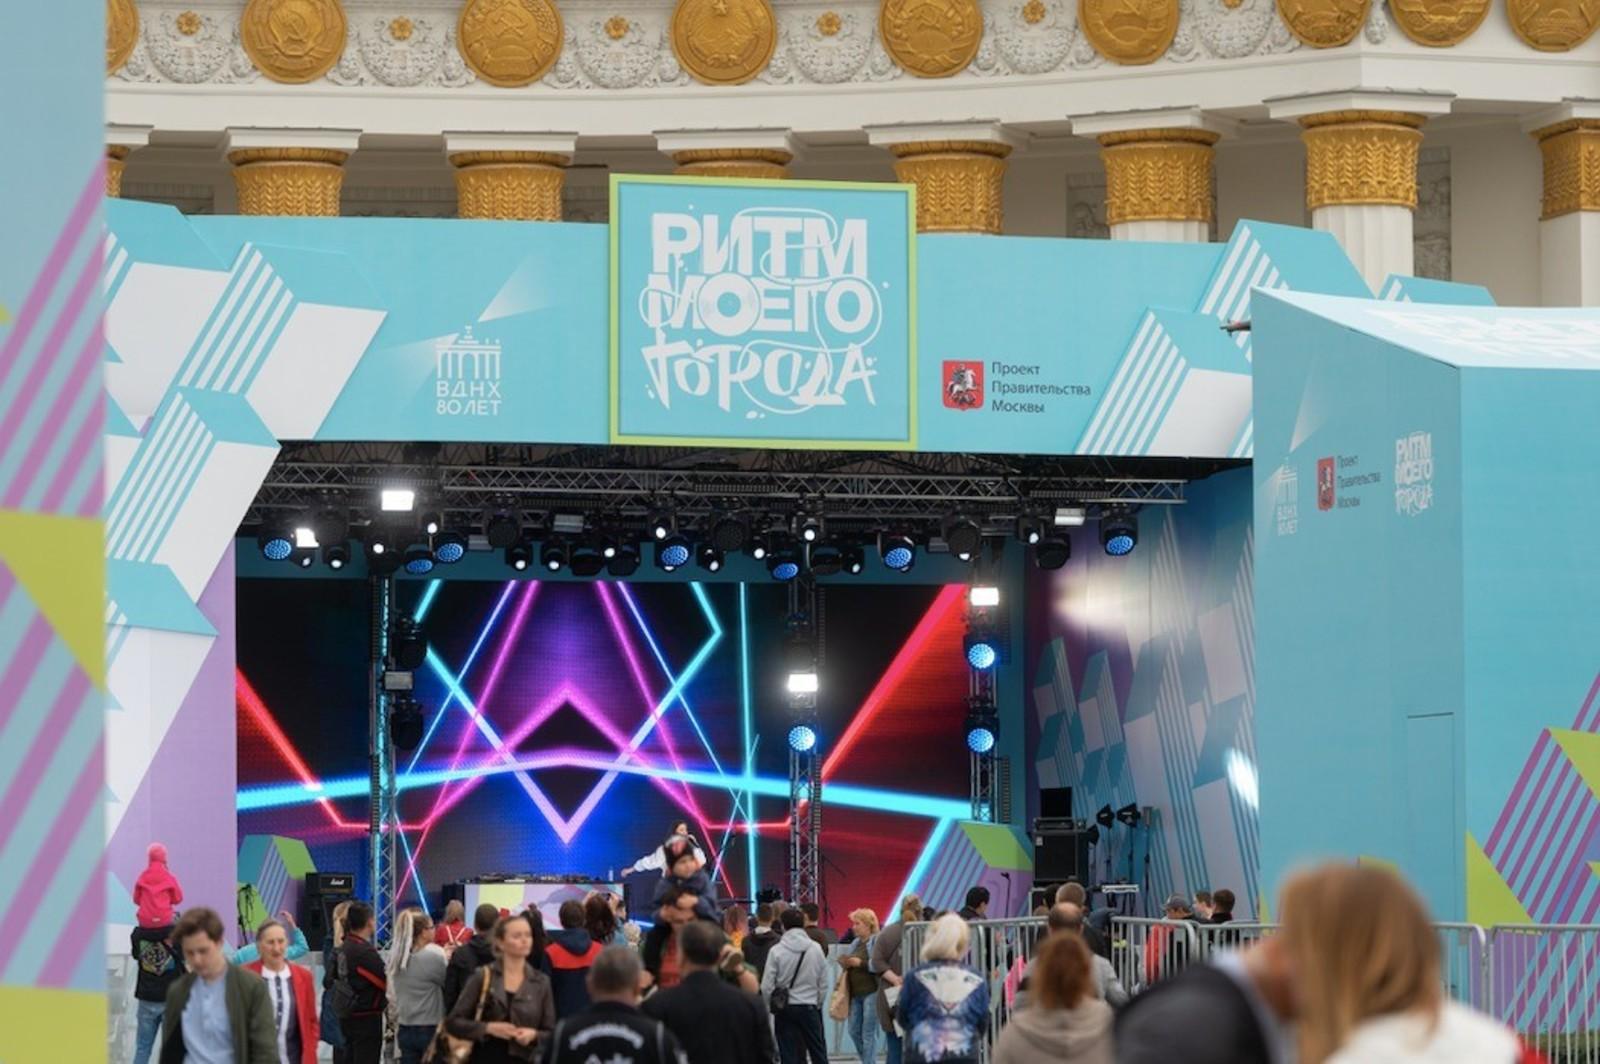 Впятницу, субботу и воскресенье на главной сцене продолжится конкурсрэп-исполнителей / Пресс-служба оргкомитета цикла городских уличных мероприятий «Московские сезоны»